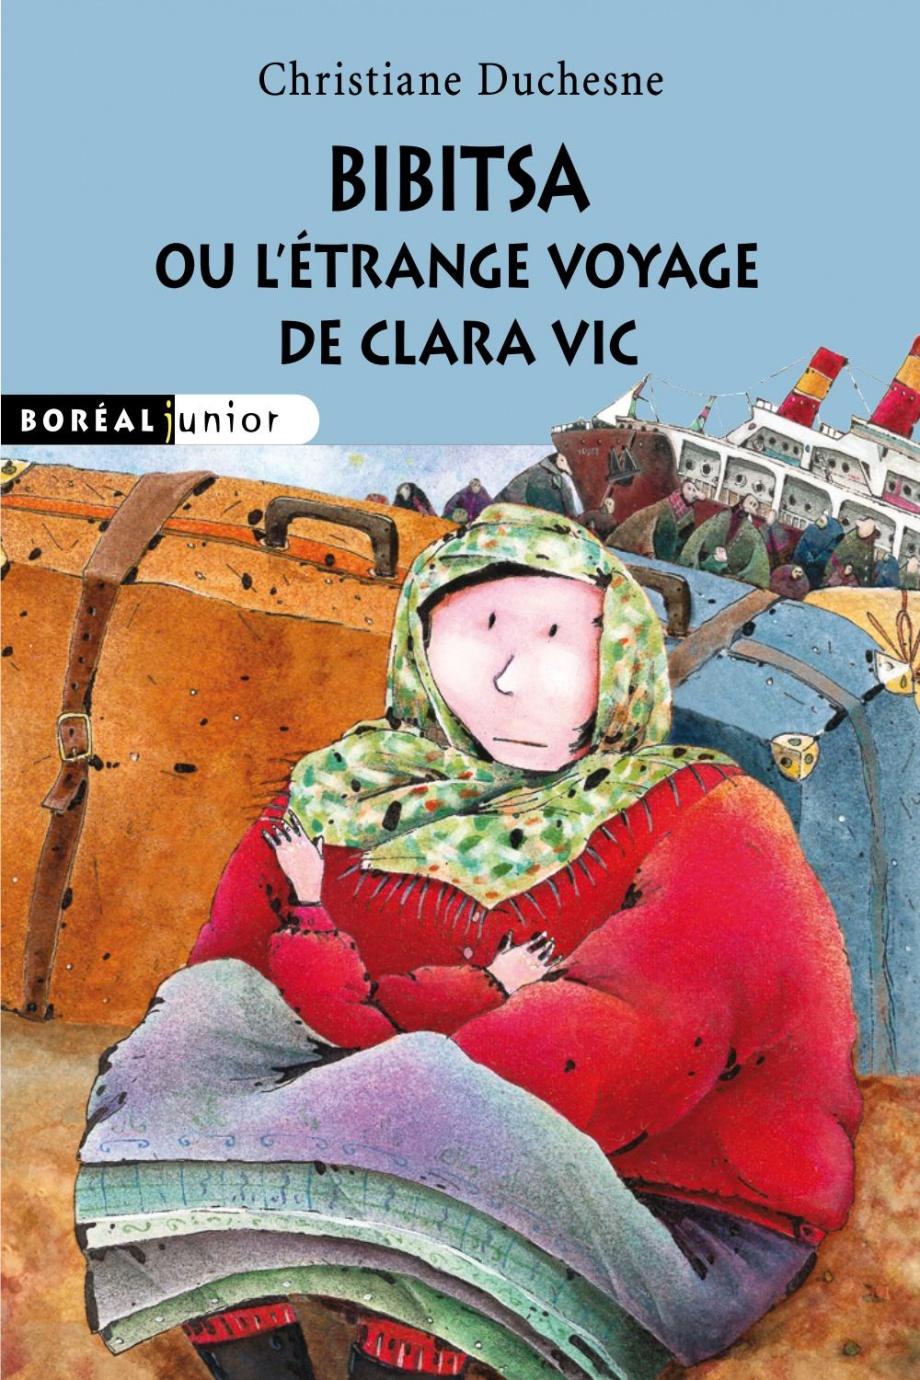 Bibitsa, ou, L'étrange voyage de Clara Vic